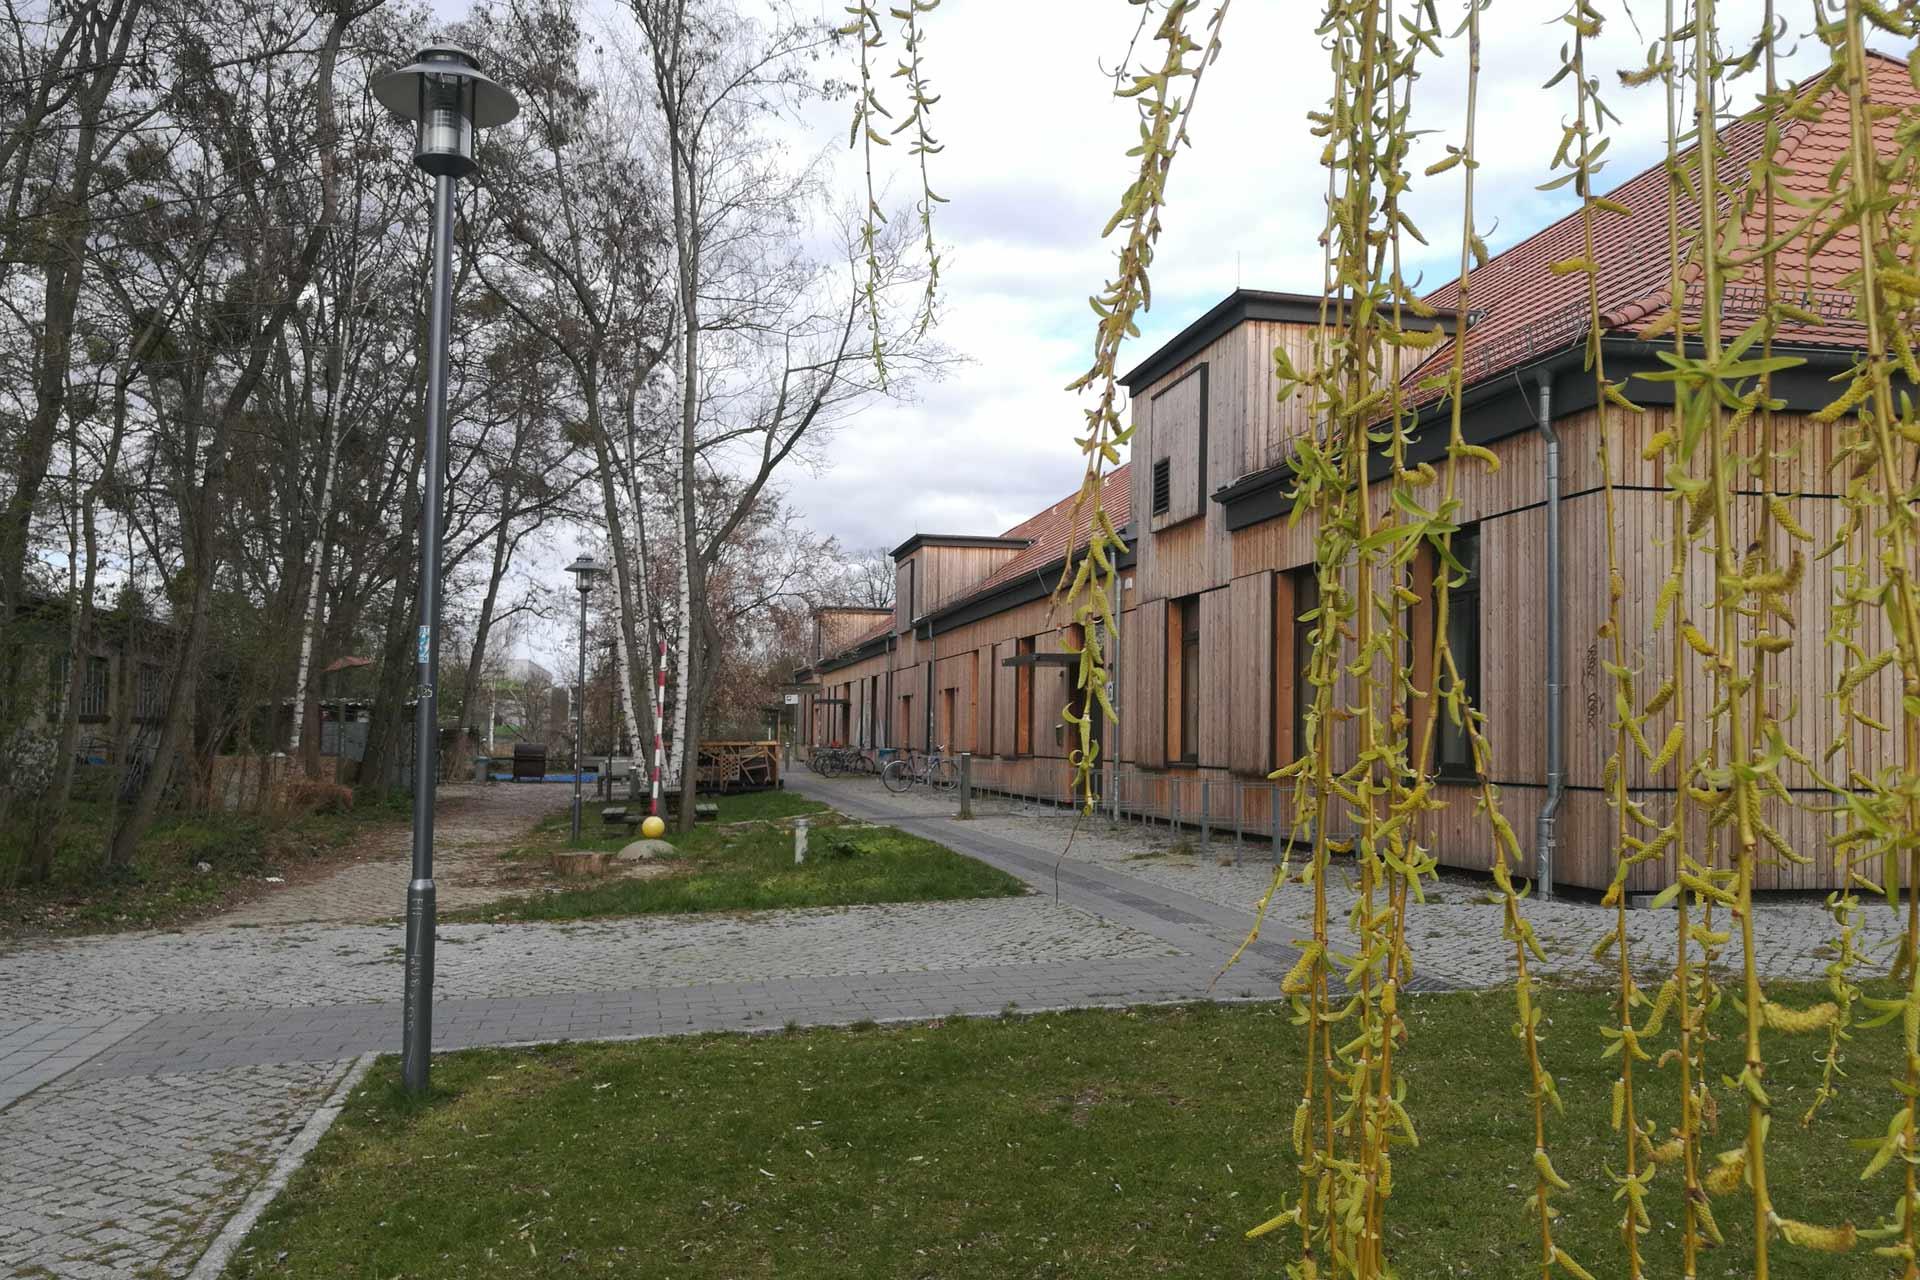 Haus 17, das Haus der Studierendenschaft